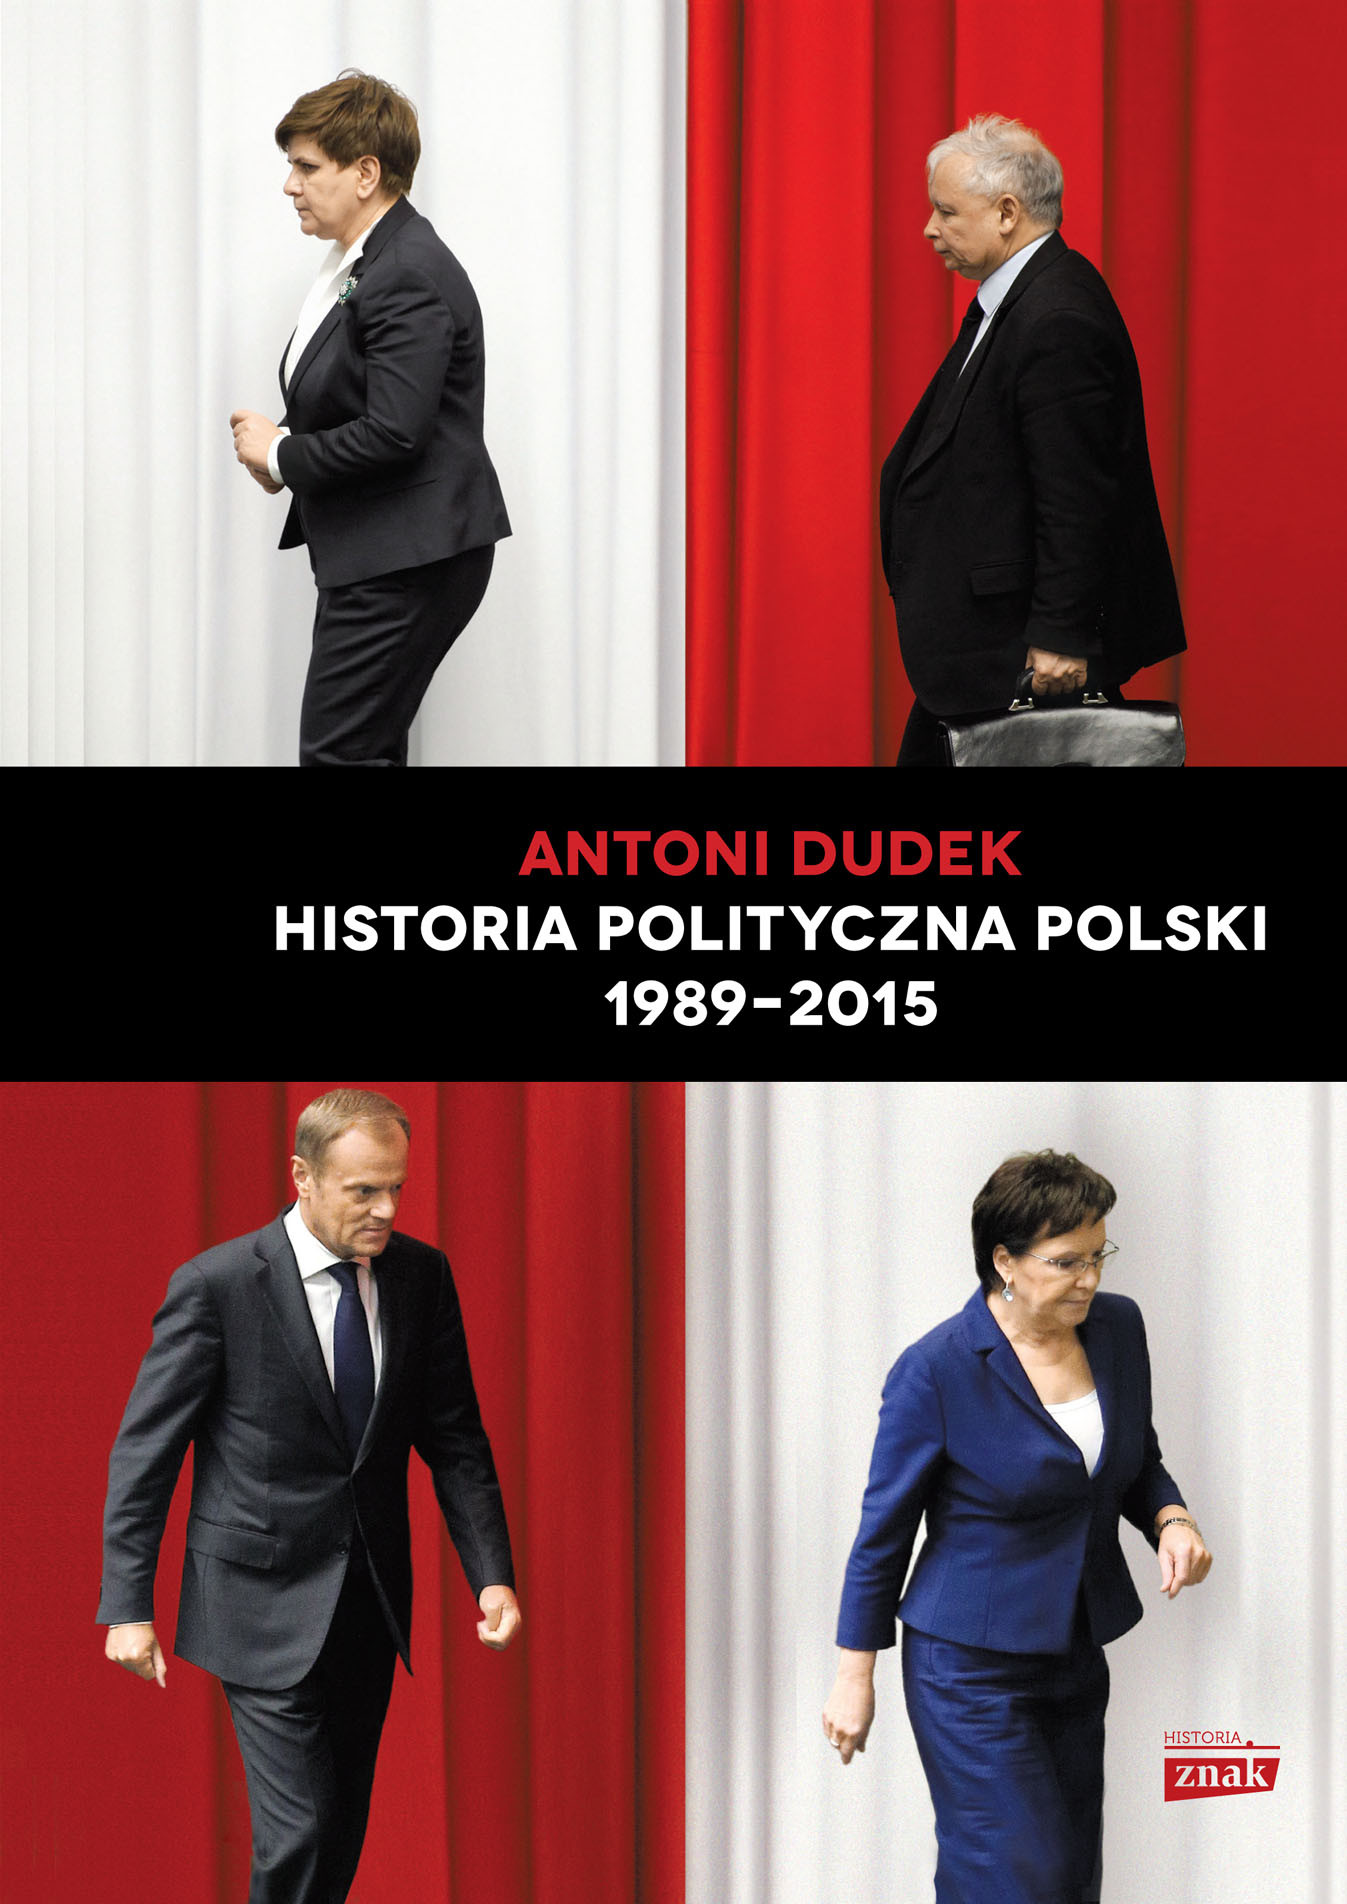 """Tekst stanowi fragment książki profesora Antoniego Dudka """"Historia polityczna Polski 1989-2015"""", wydanej nakładem wydawnictwa Znak Horyzont w 2016 roku."""